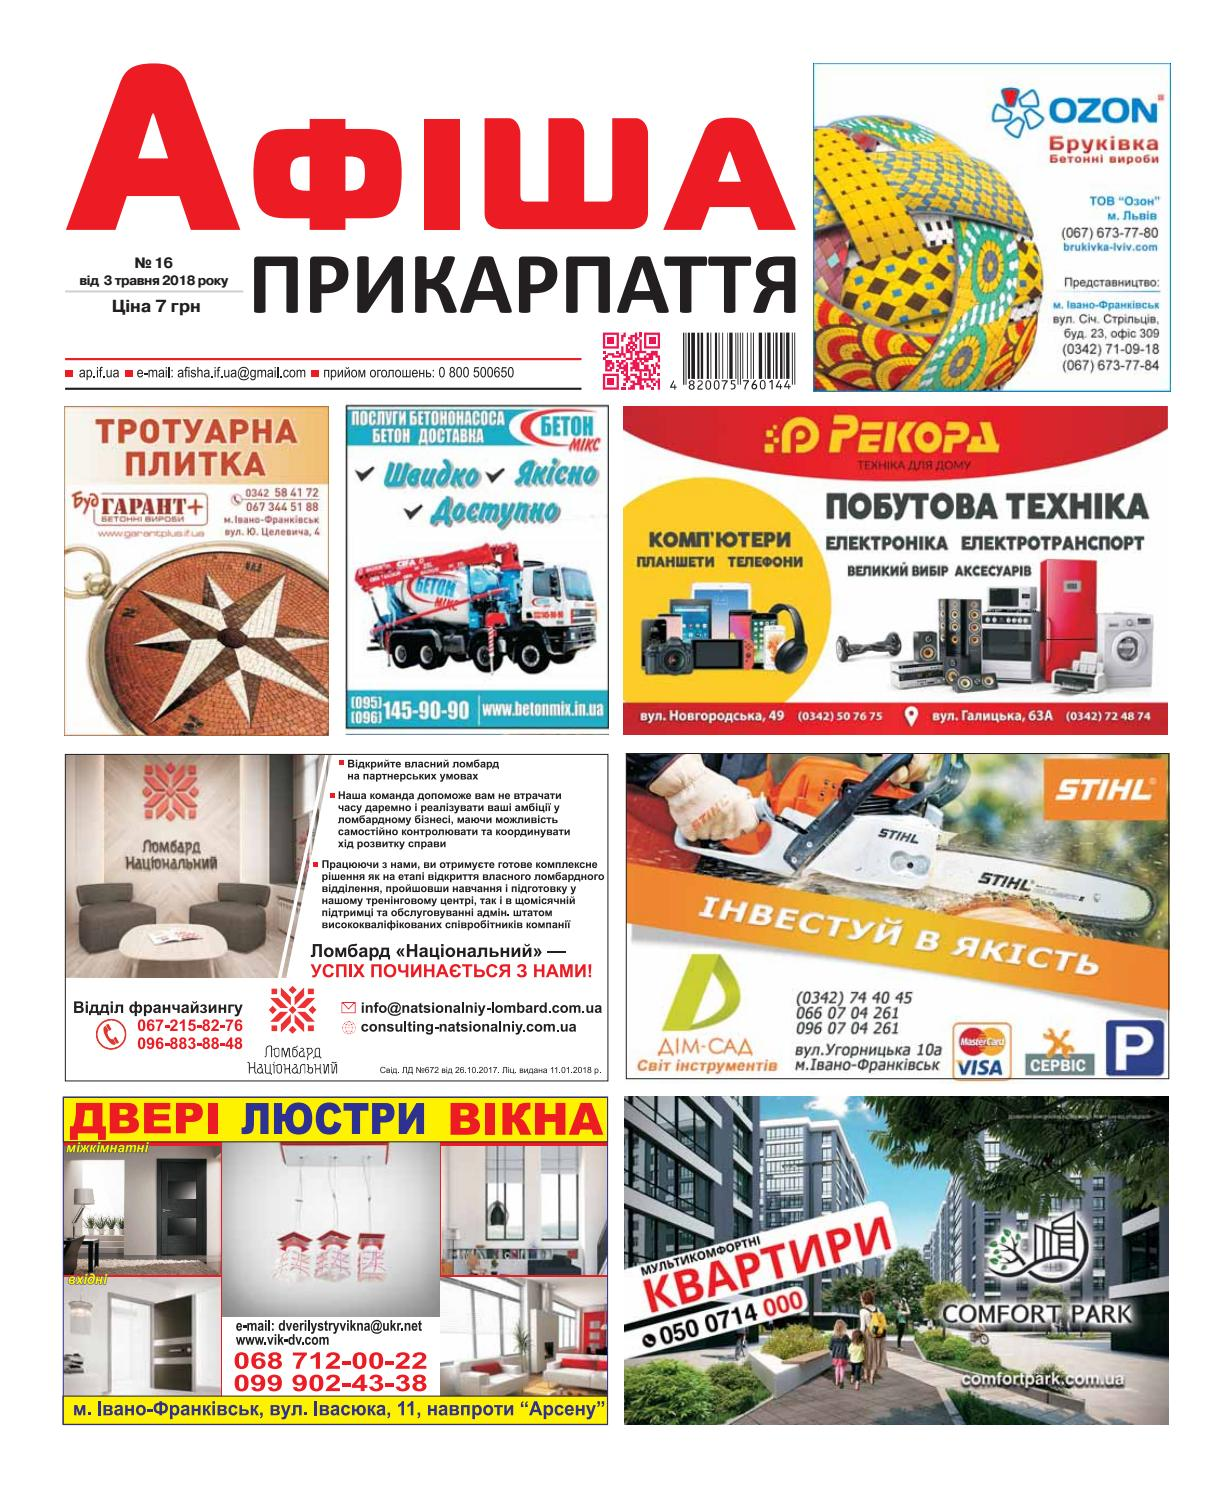 Афіша Прикарпаття 16 by Olya Olya - issuu 3885ed538bfcf